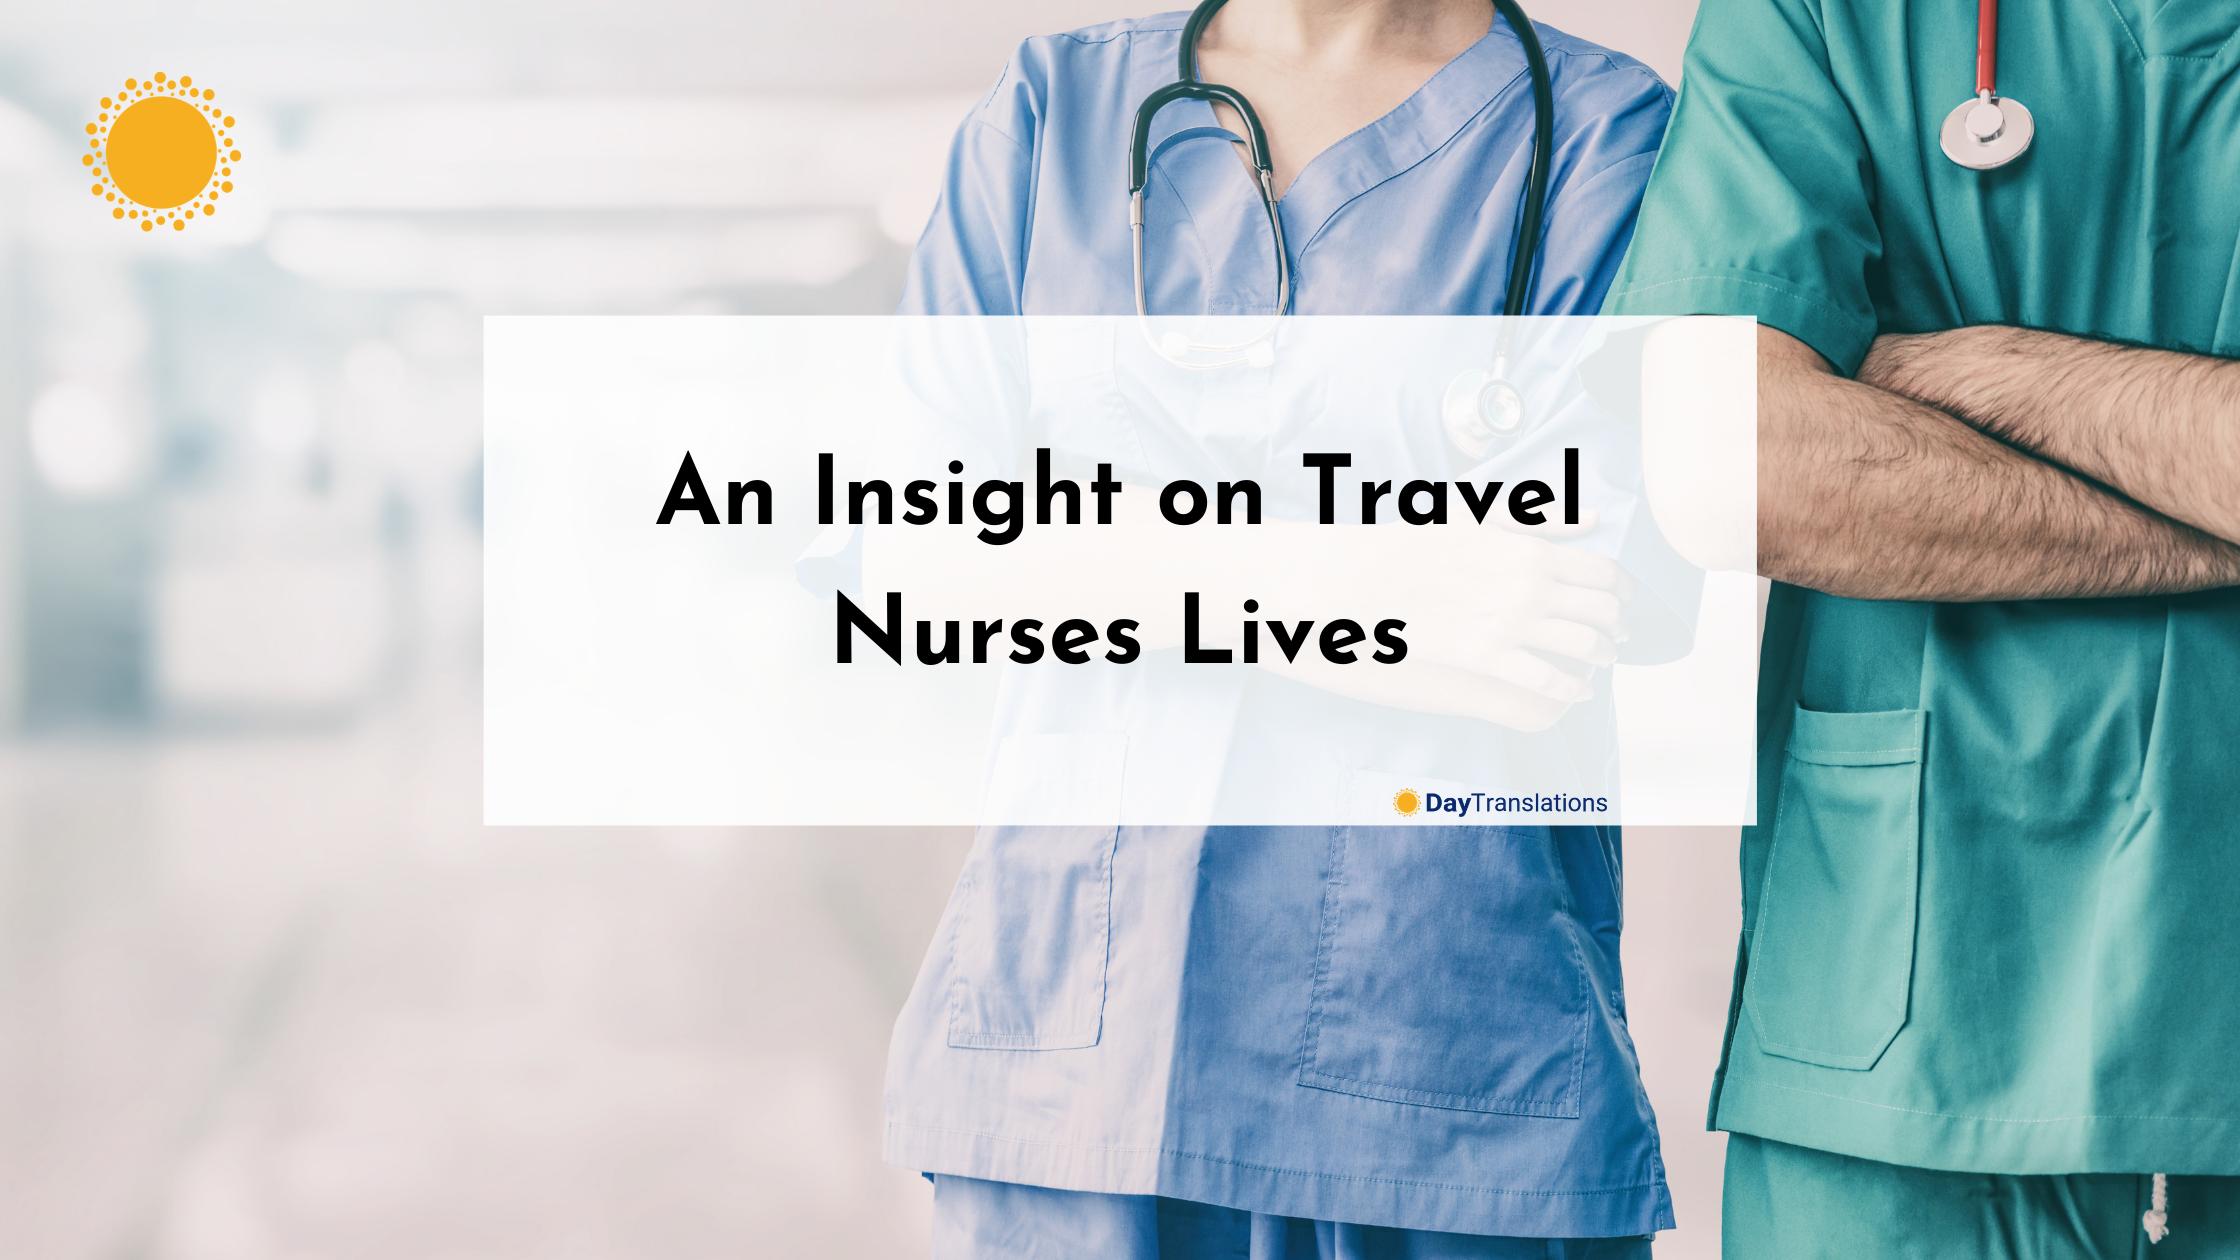 An Insight on Travel Nurses Lives